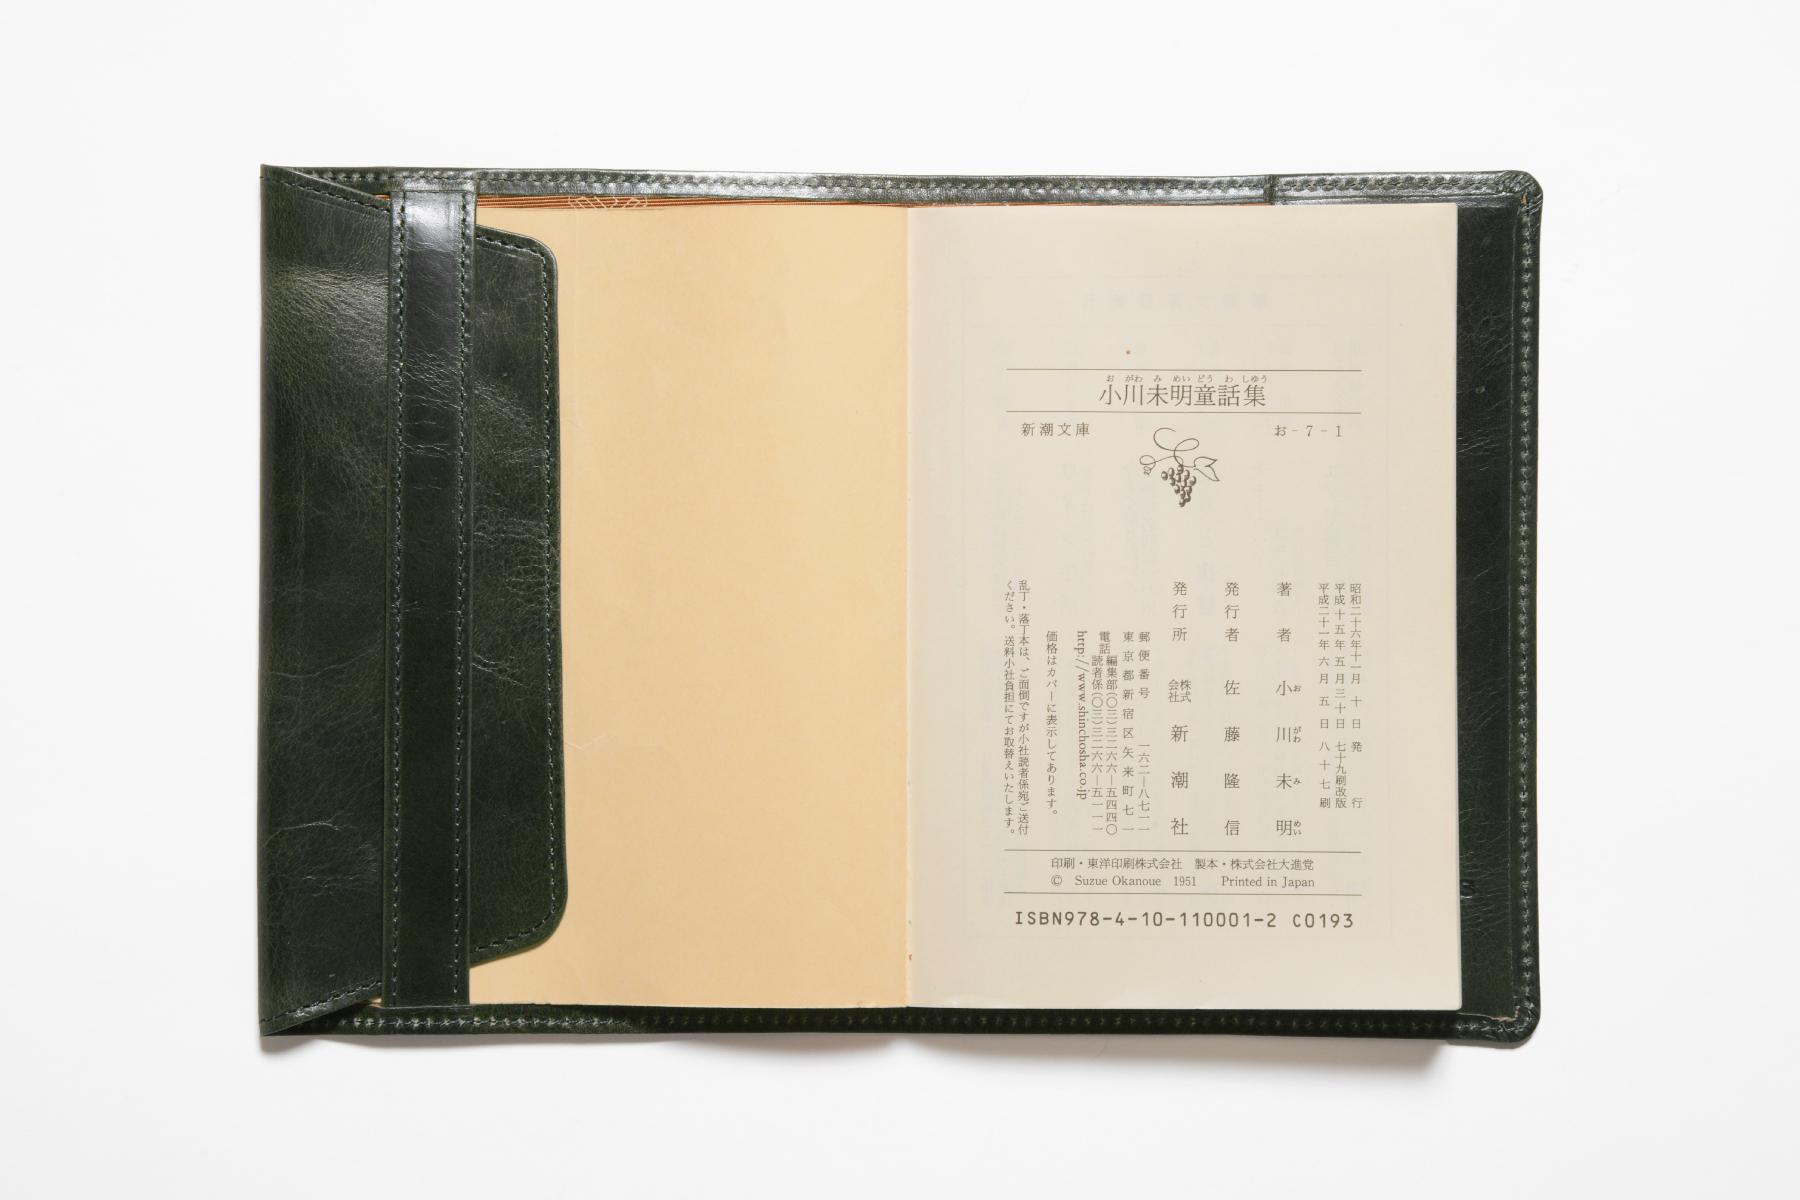 本革製ブックカバー・古城のディープフォレストに本を挟み込んだ様子